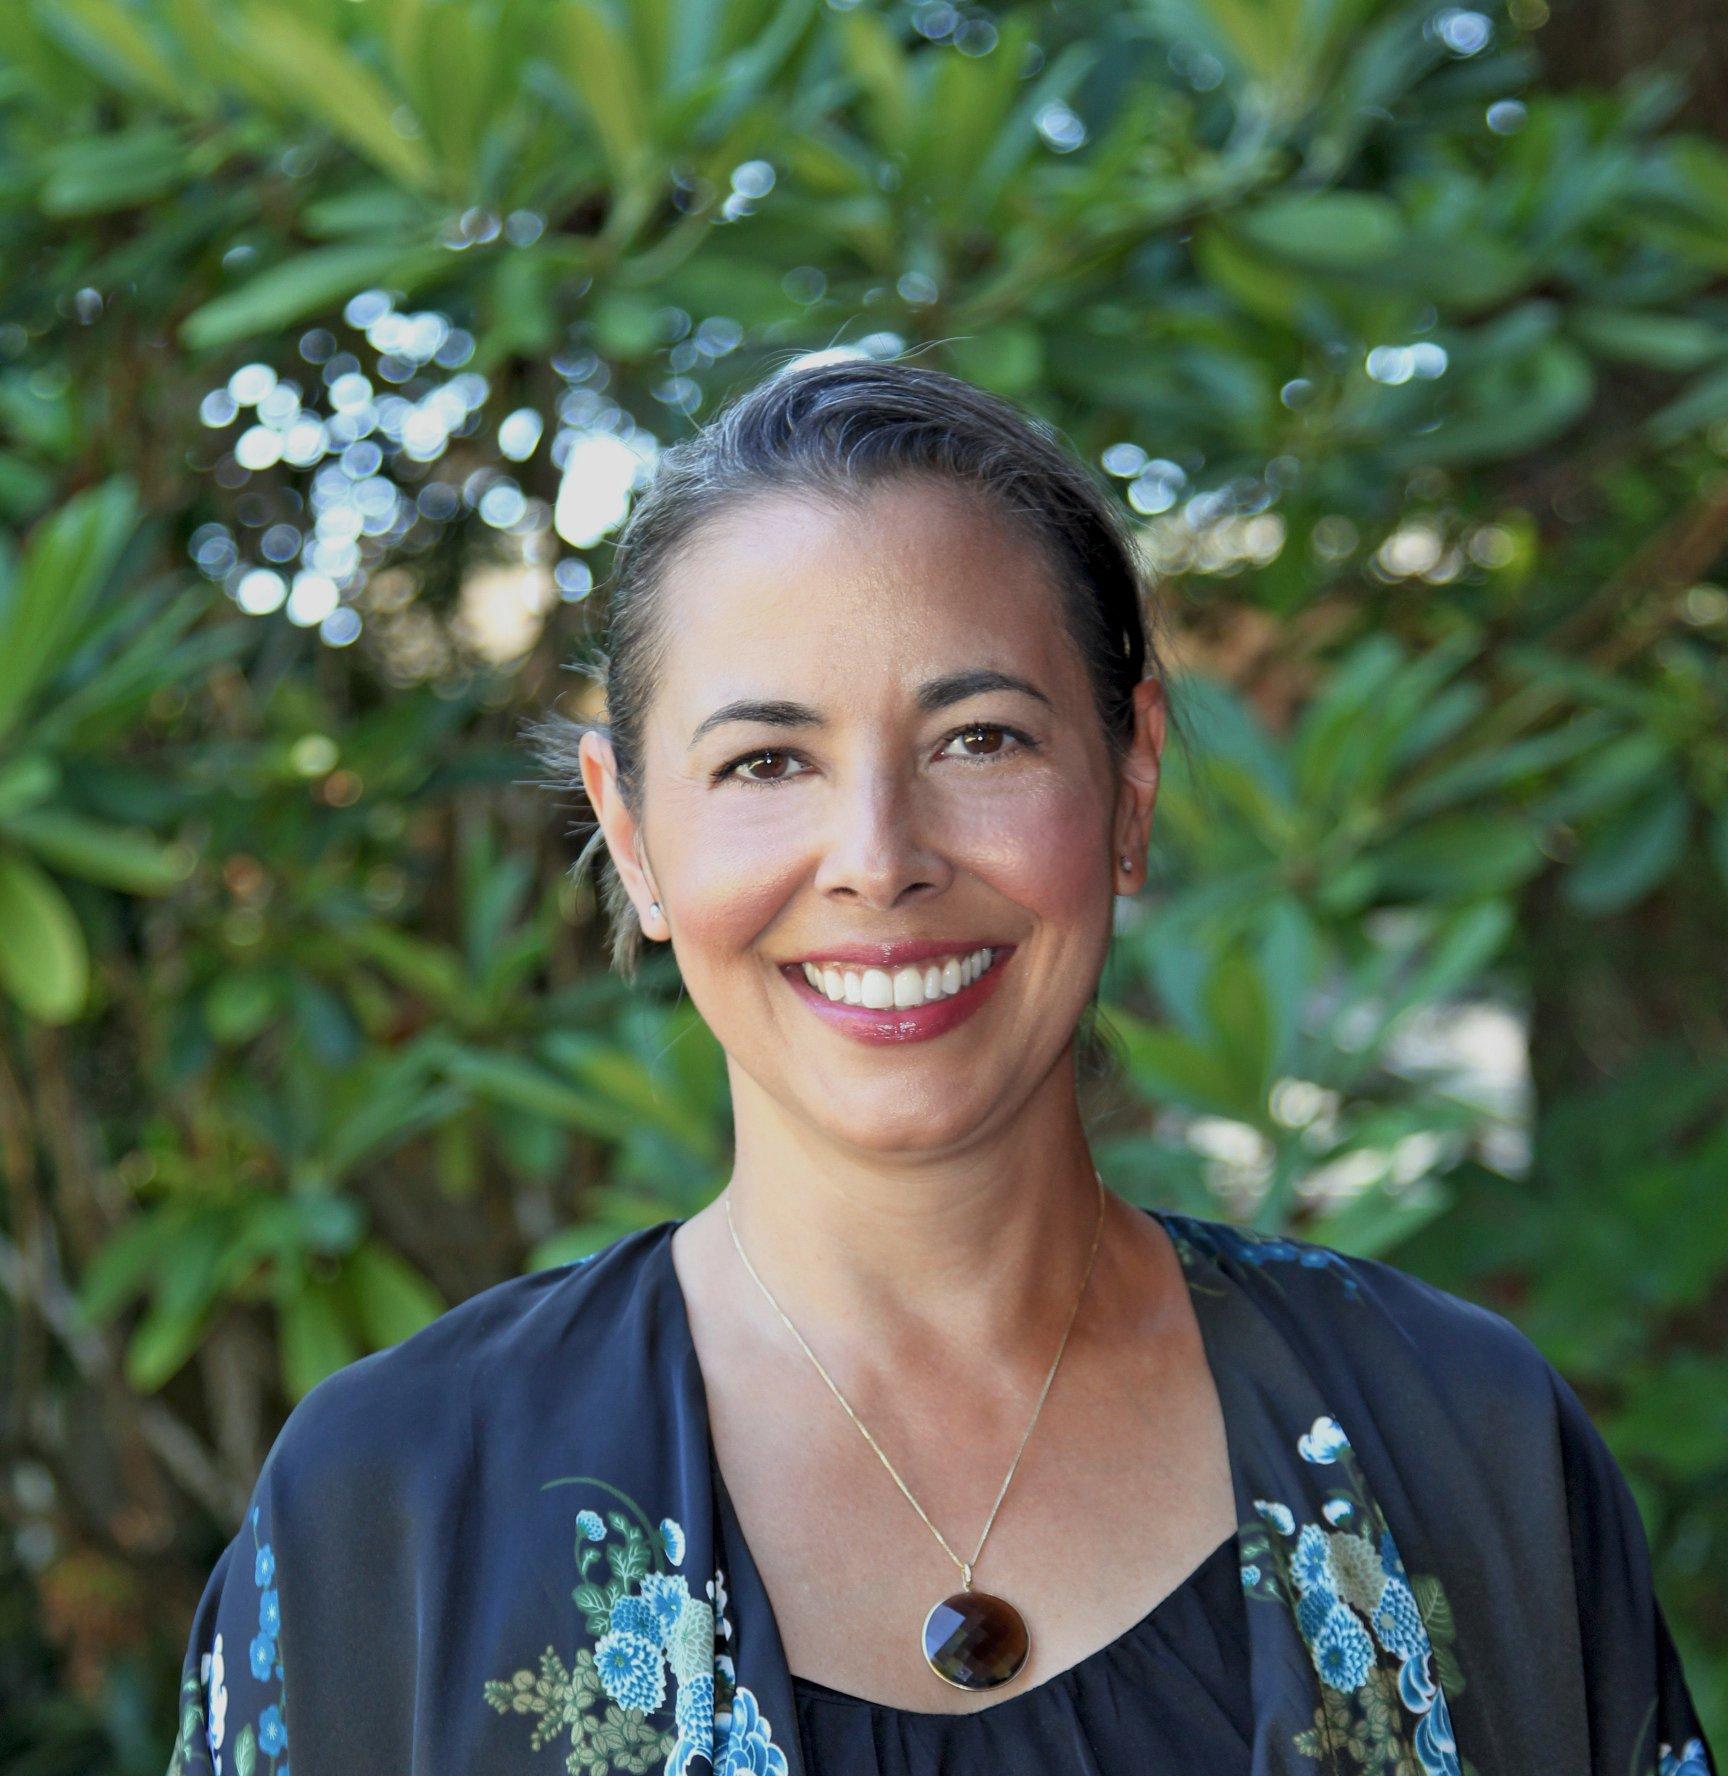 Whende Carroll, Nursing Informatics Specialist